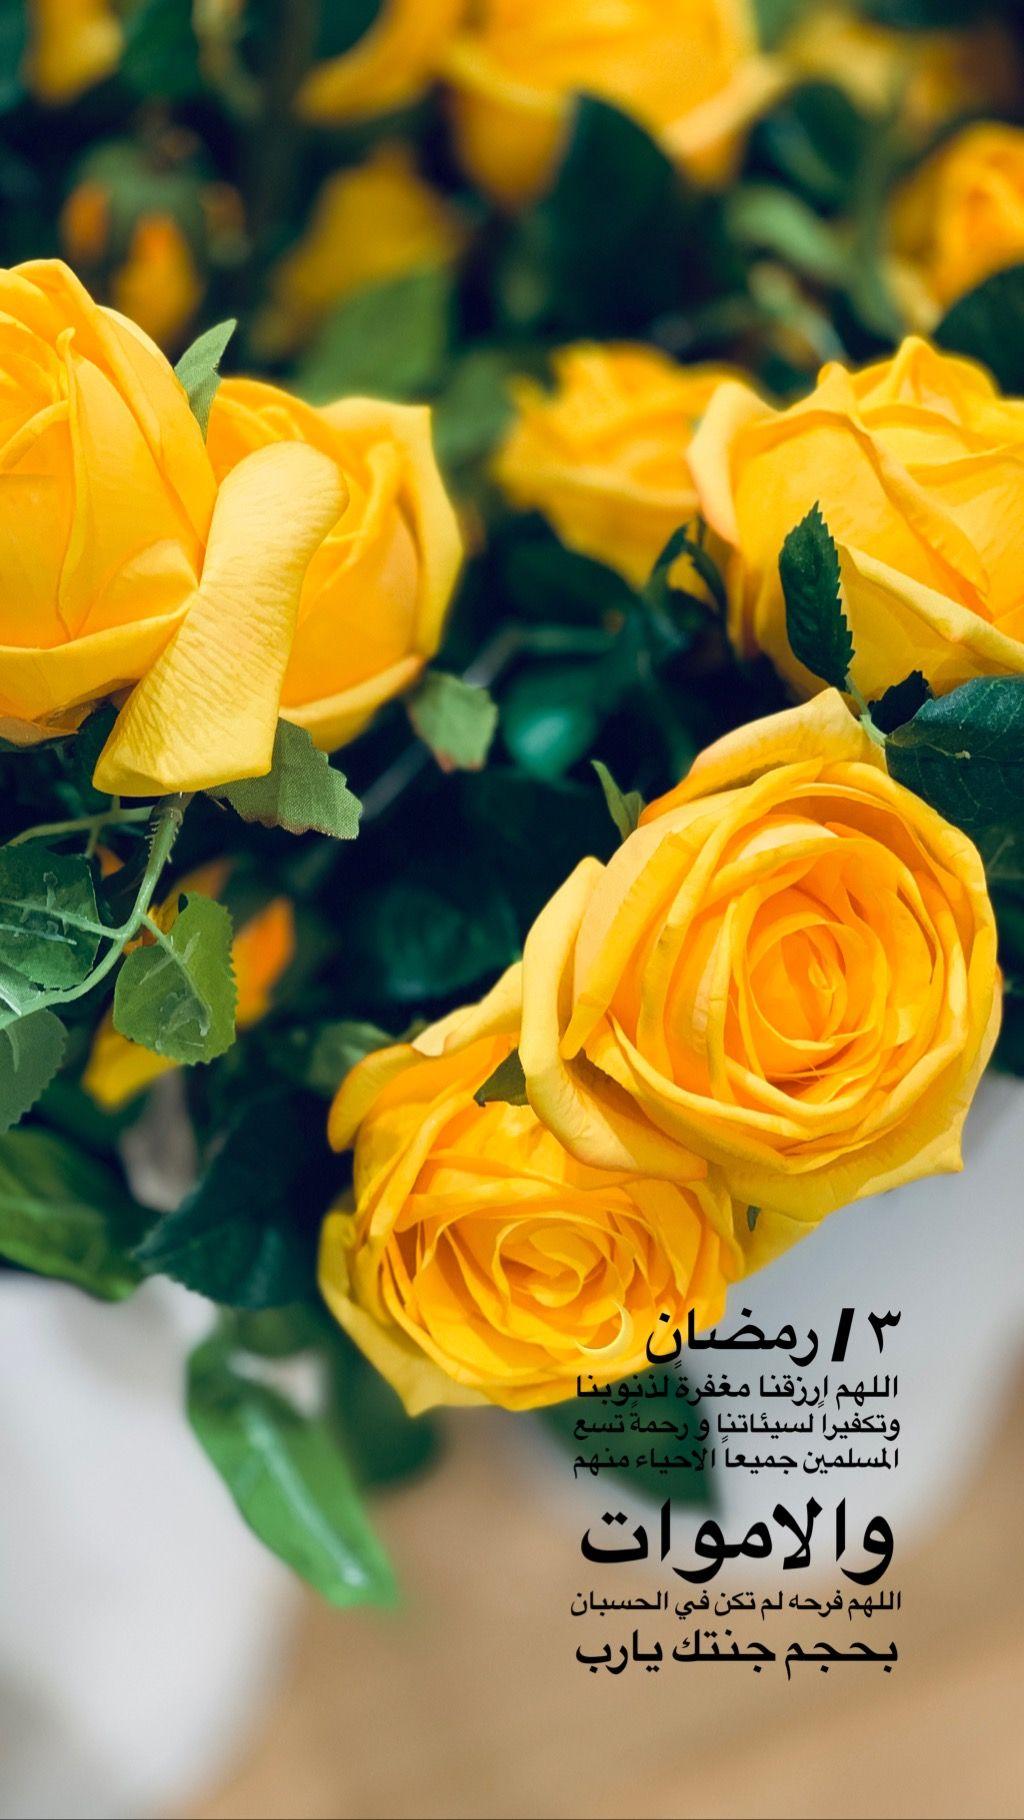 ٣ رمضان اللهم ارزقنا مغفرة لذنوبنا وتكفيرا لسيئاتنا و رحمة تسع المسلمين جميعا الاحياء منهم والاموات اللهم فرحه لم تكن في Flowers Ramadan Plants